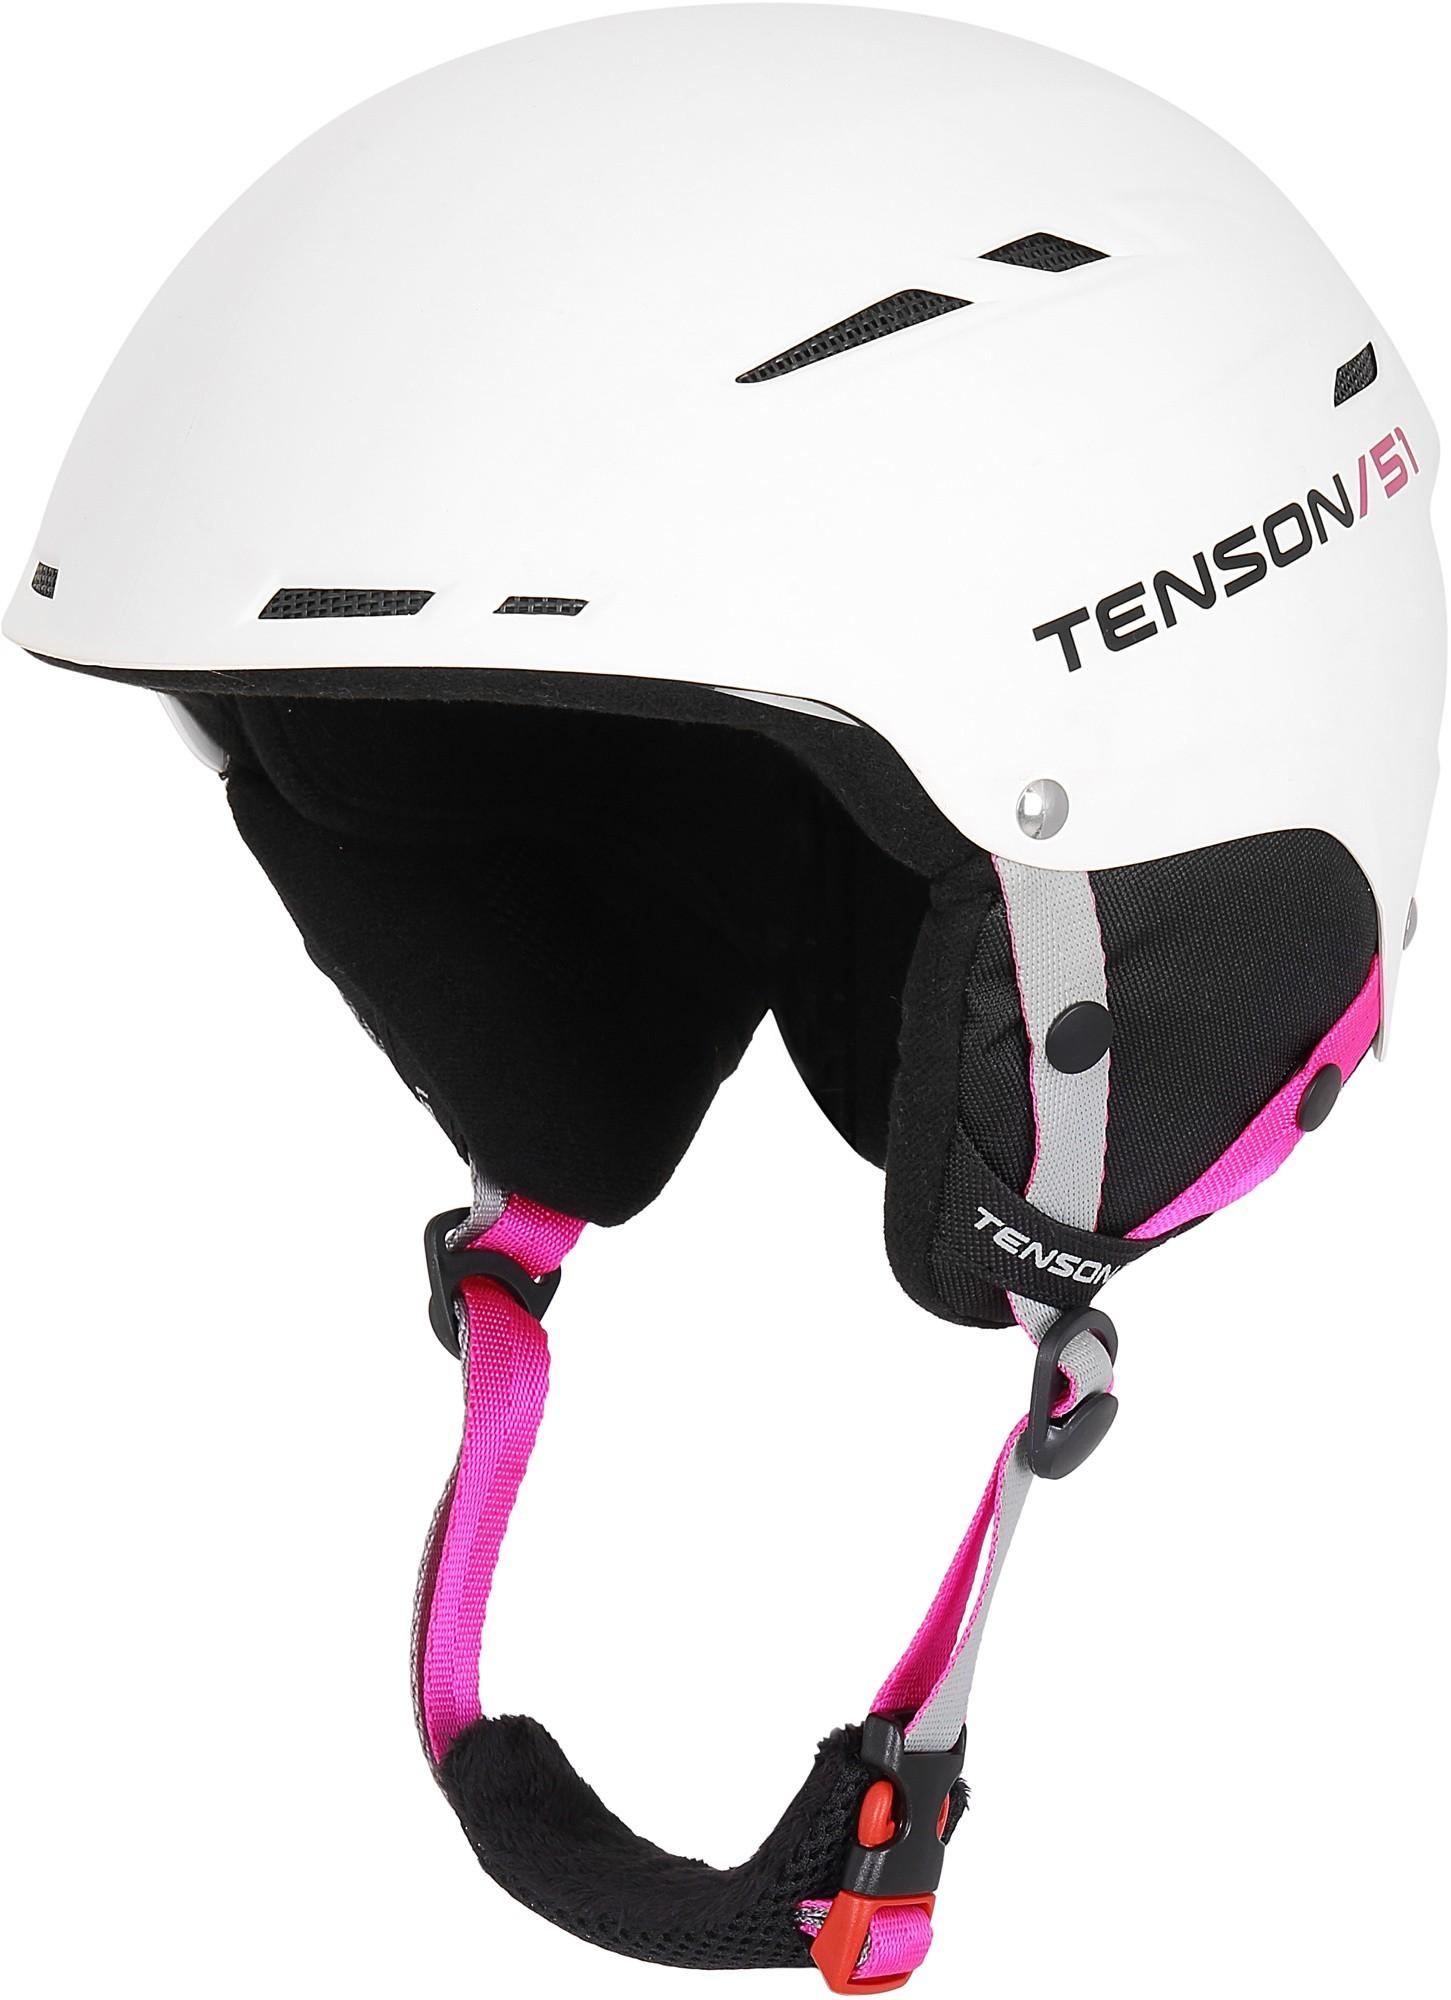 Kask narciarski Tenson Proxy, biały White M